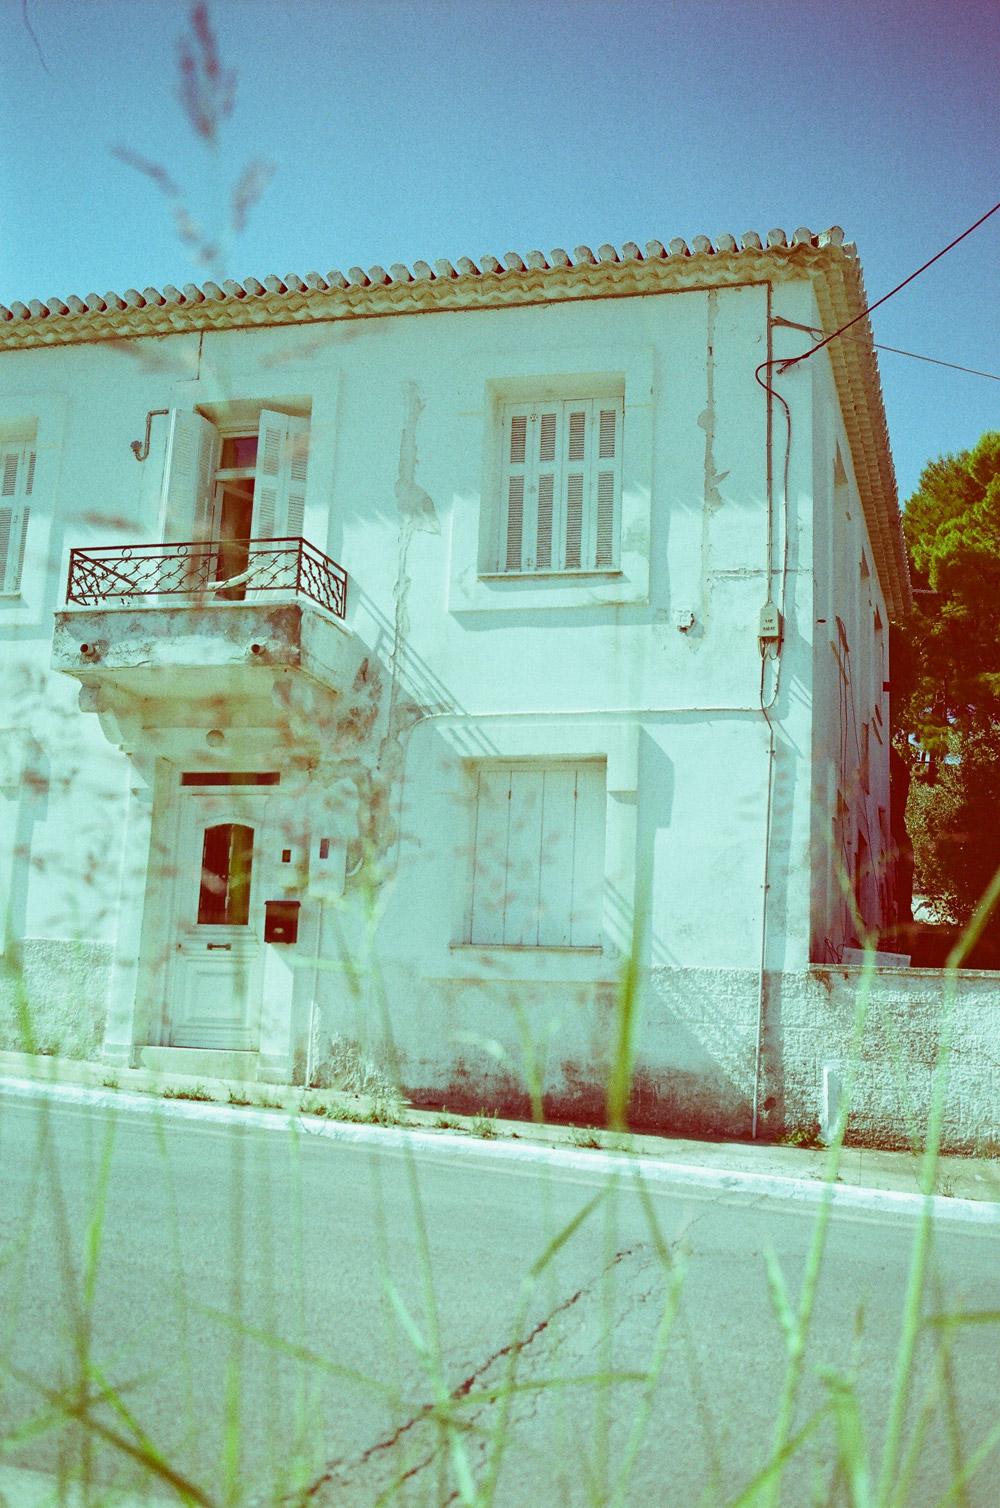 Einladend und ein bisschen unheimlich zugleich: Haus an der Straße